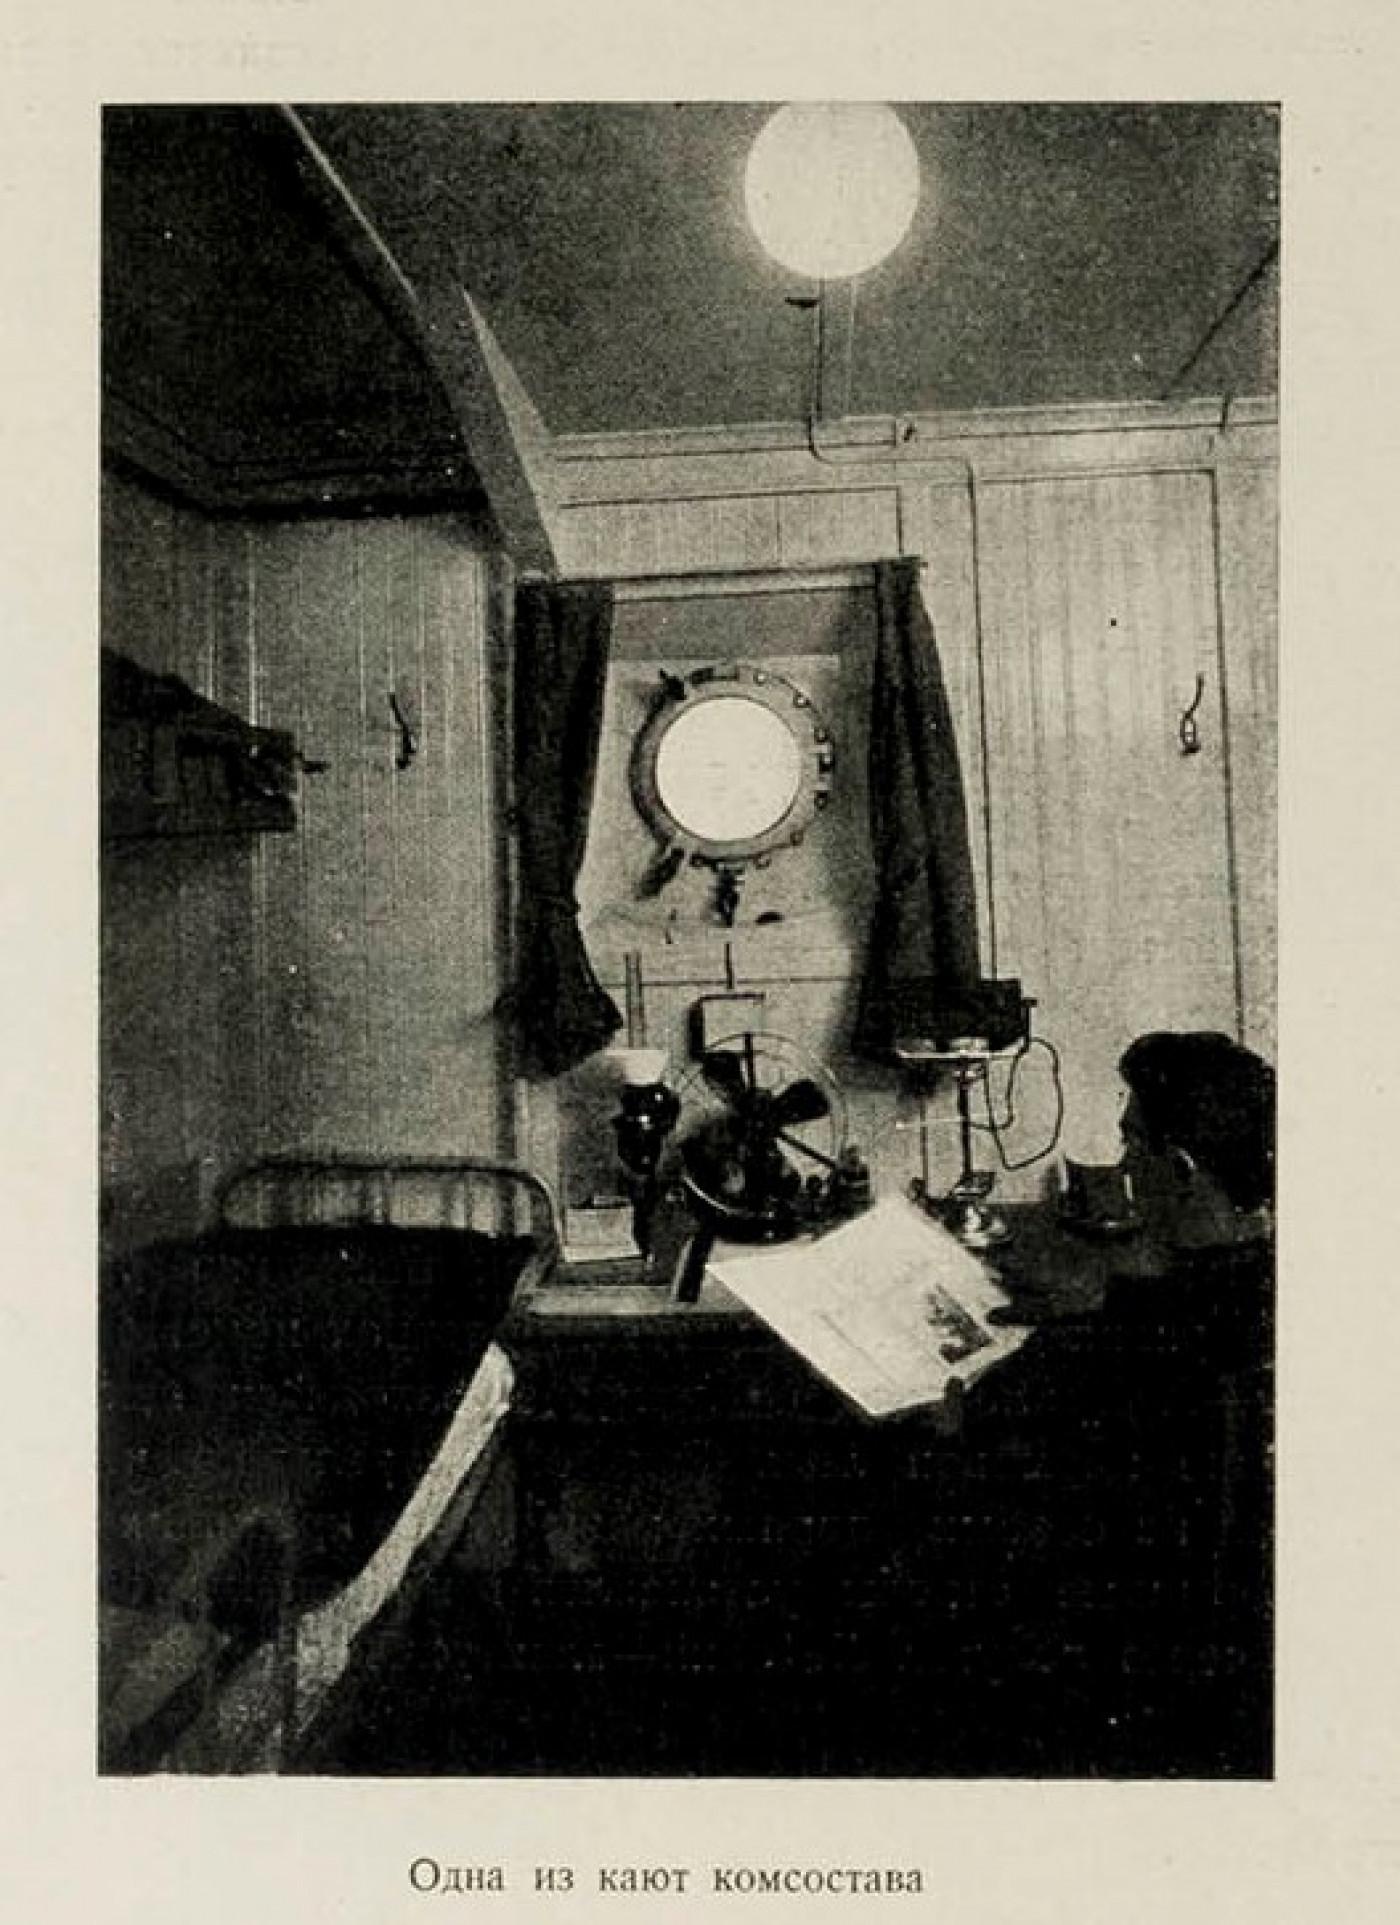 Cabin photograph